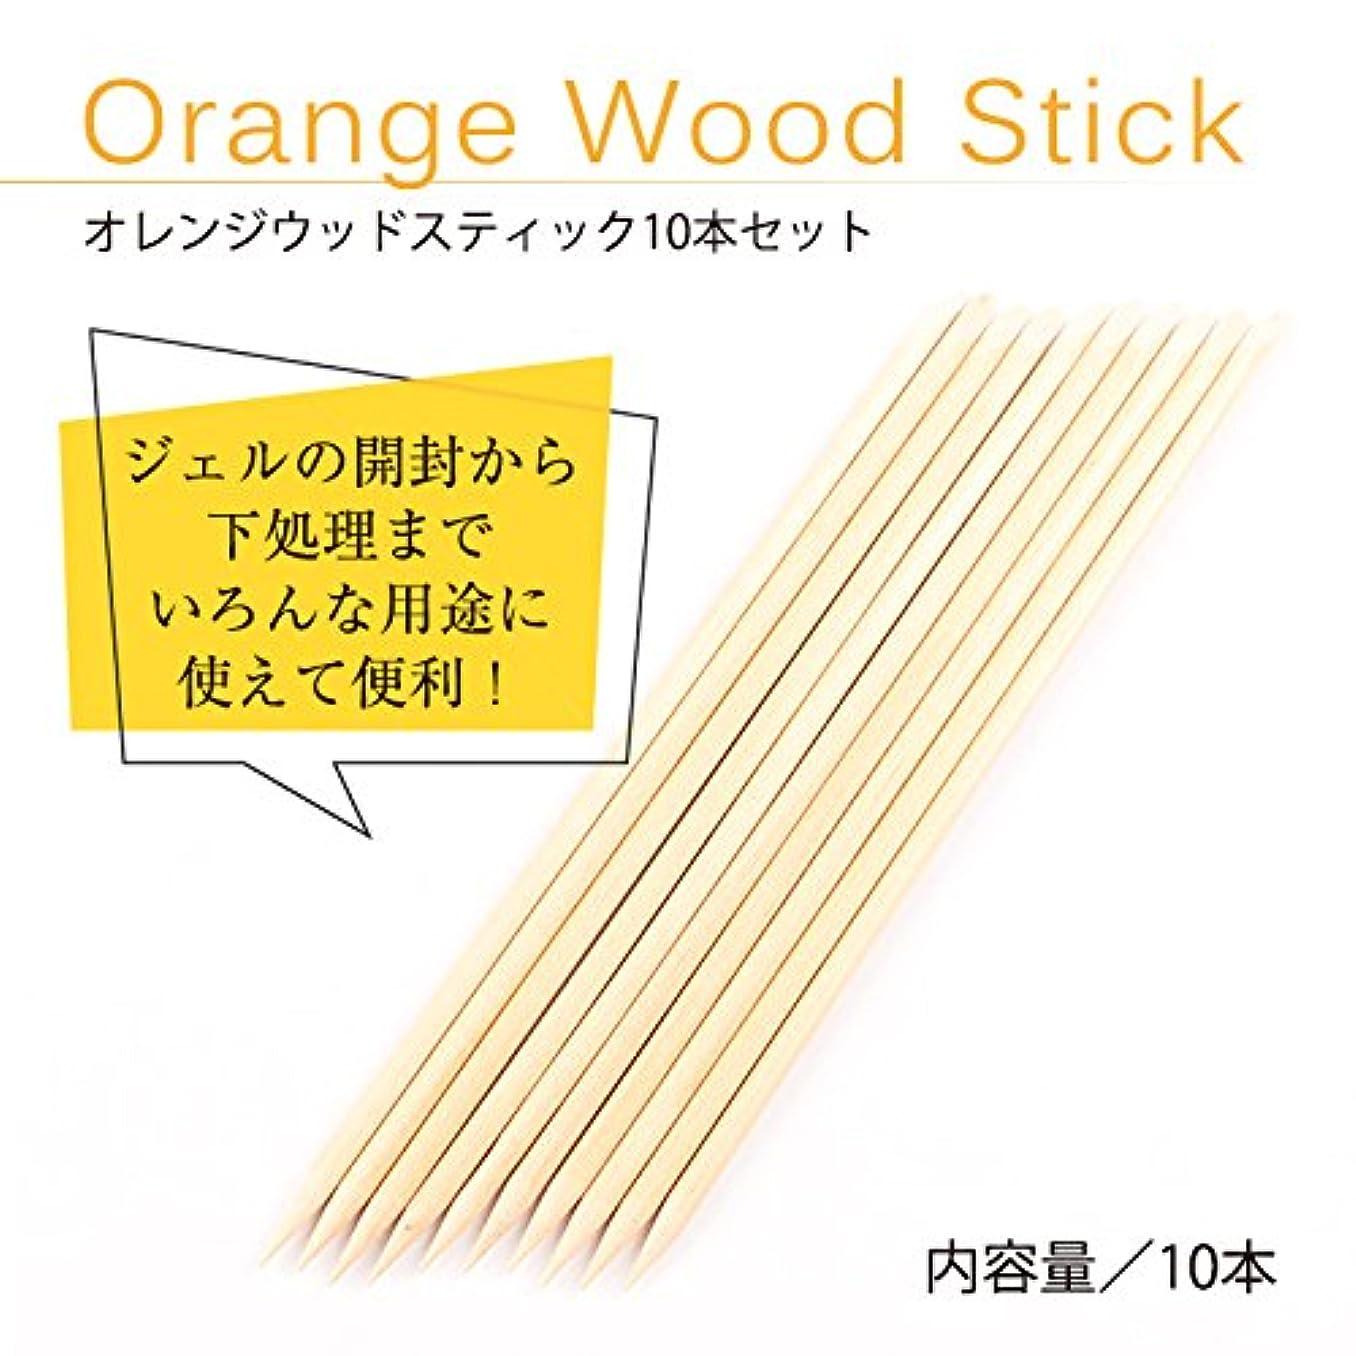 火炎哲学者ファンタジーオレンジ ウッドスティック 10本セット ジェルネイル